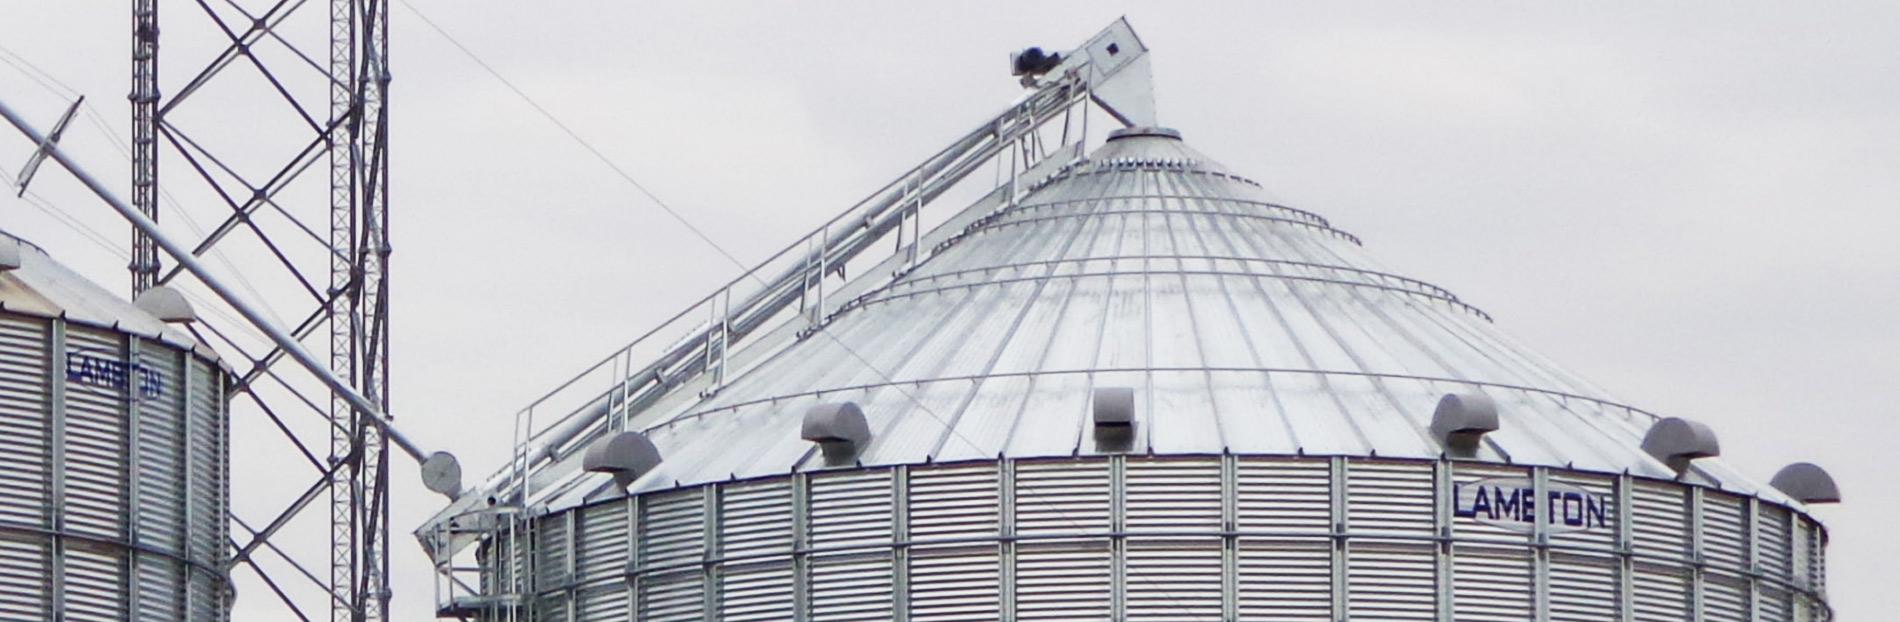 Grain Cannon – Total Grain Systems